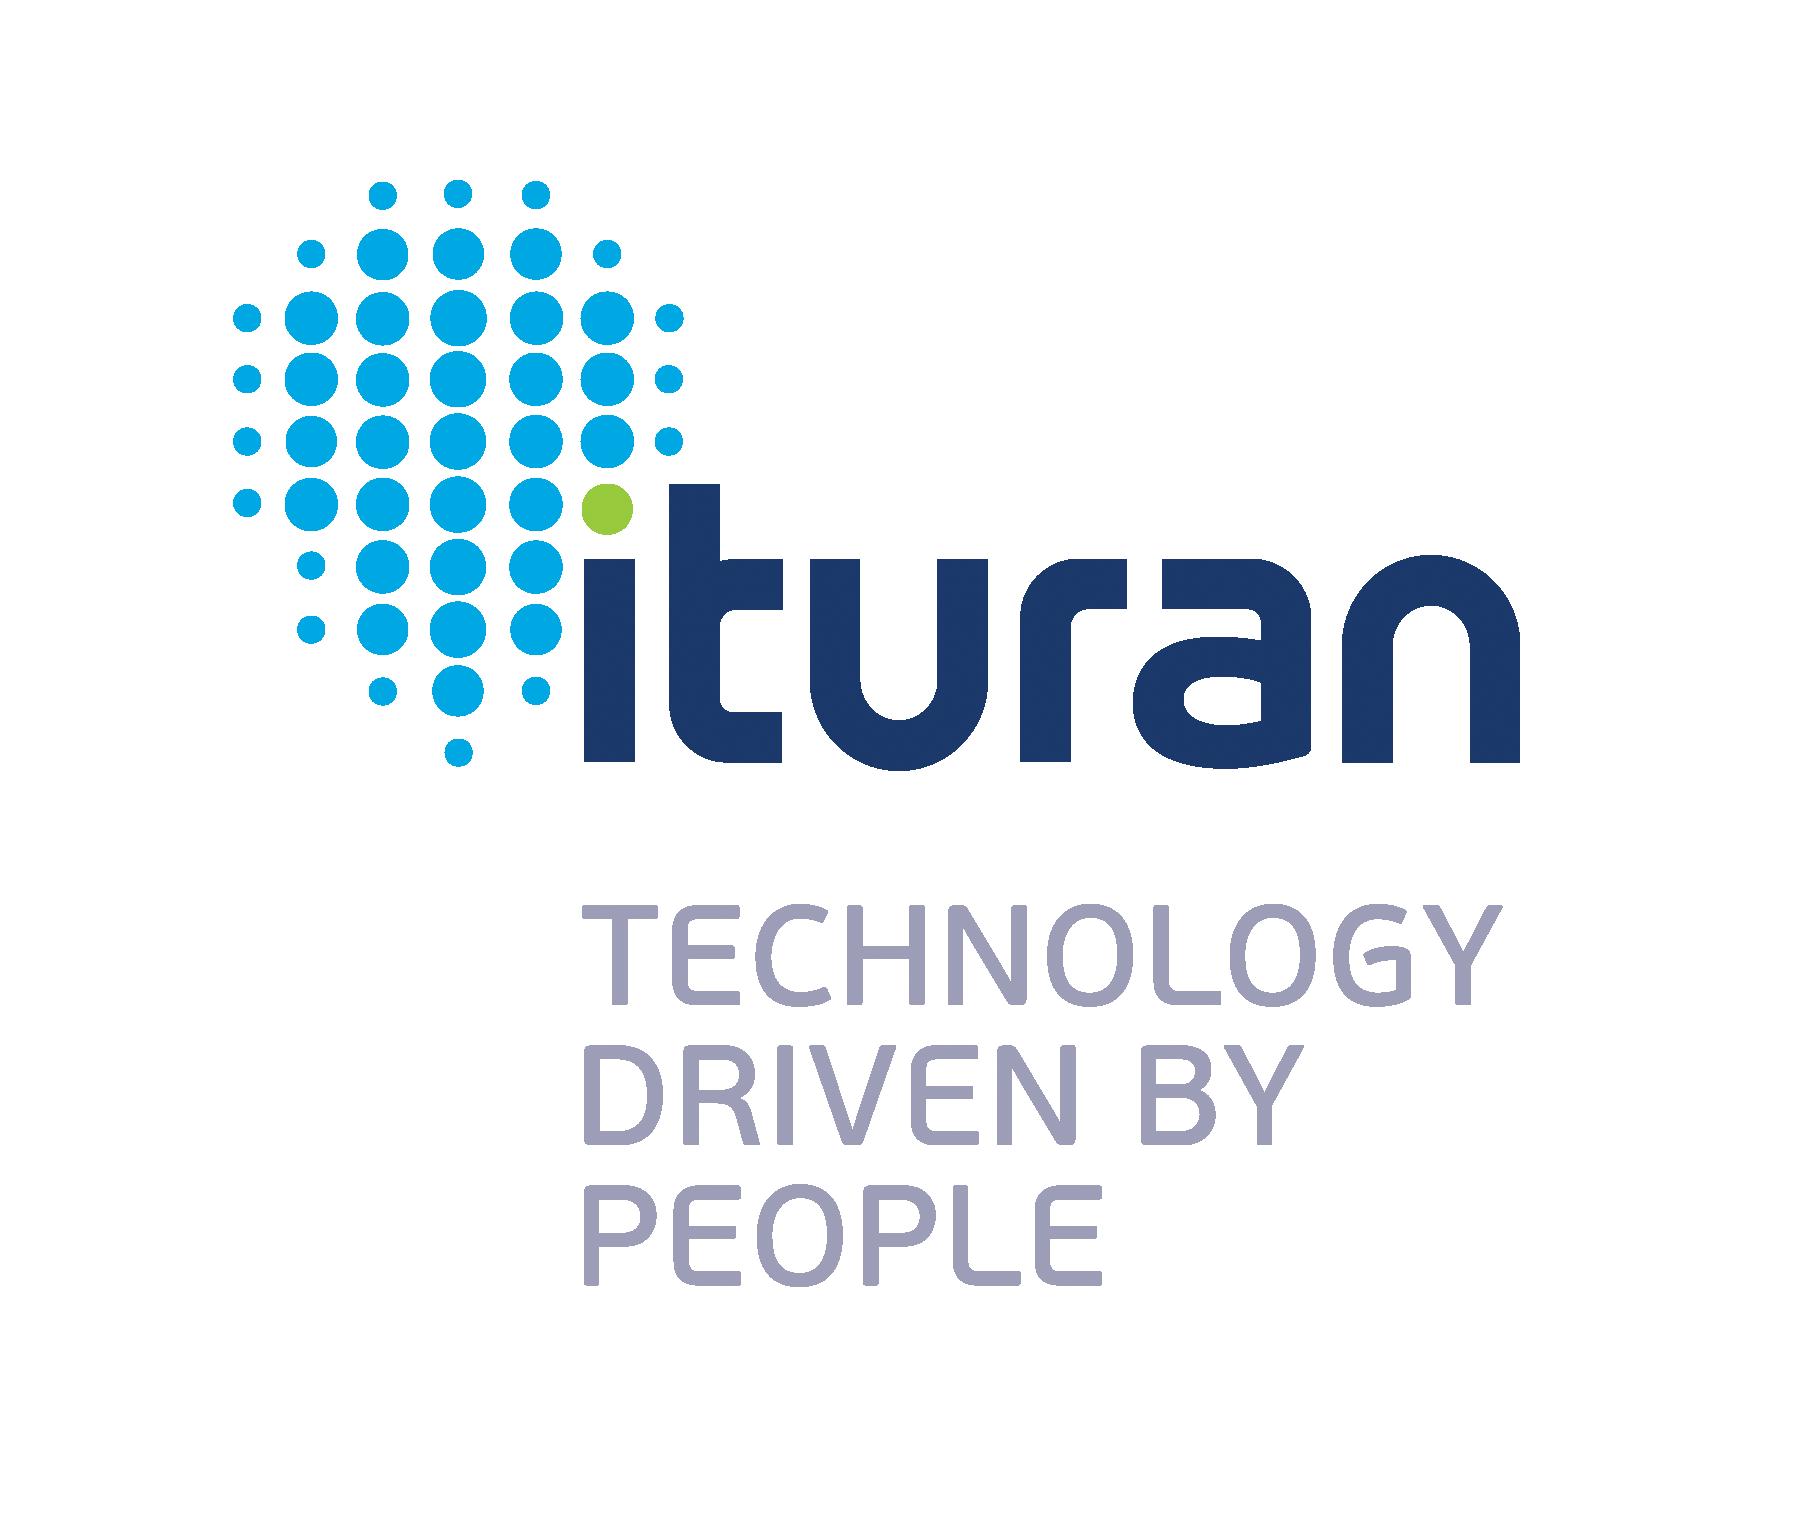 39761_LOGO_ITURAN_BZ3_PROCESS 1